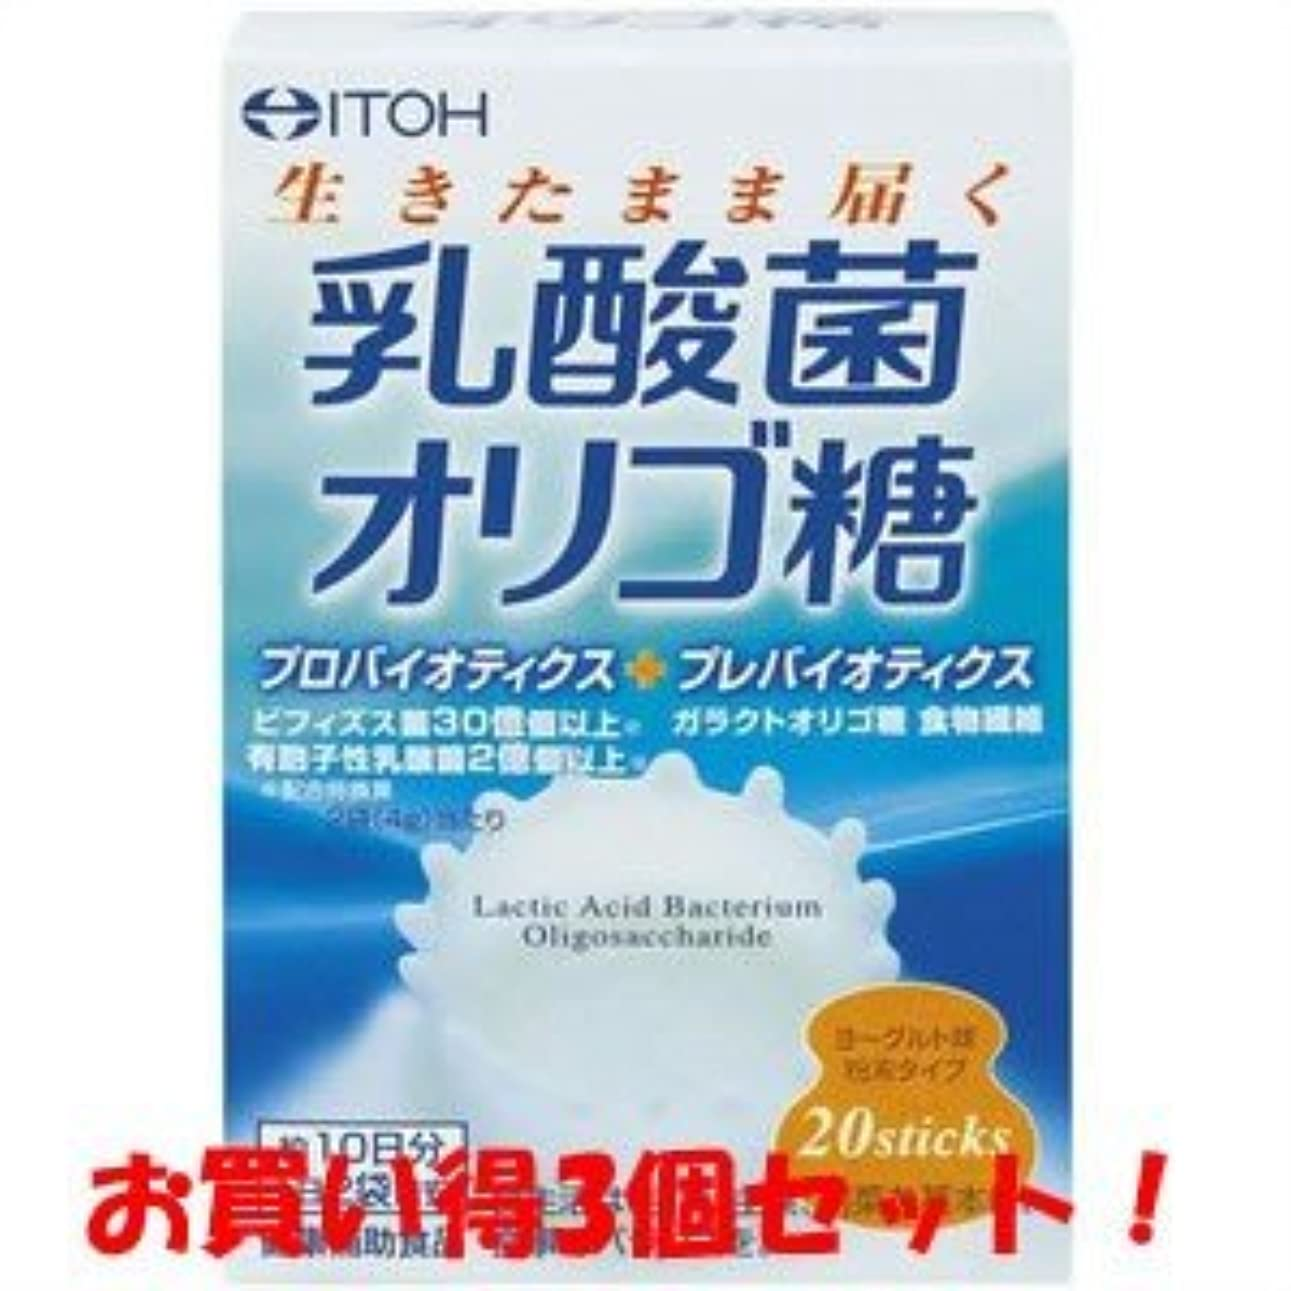 【井藤漢方製薬】乳酸菌オリゴ糖 40g(2g×20スティック)(お買い得3個セット)